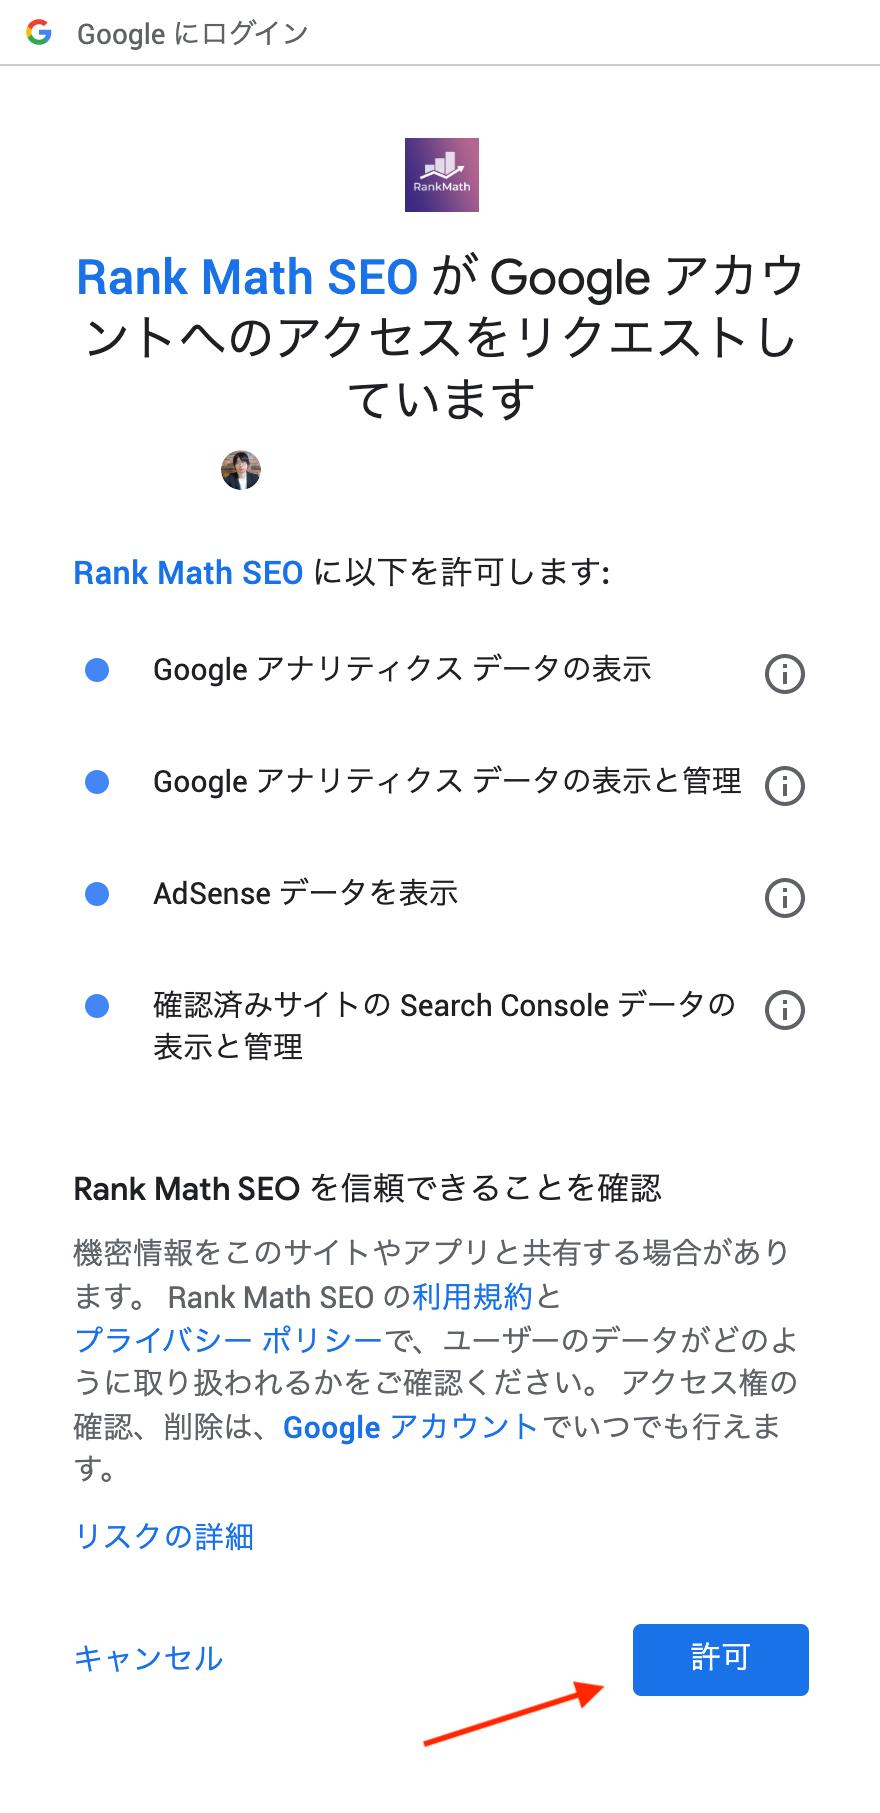 GoogleアカウントでRank Mathのアクセスを許可